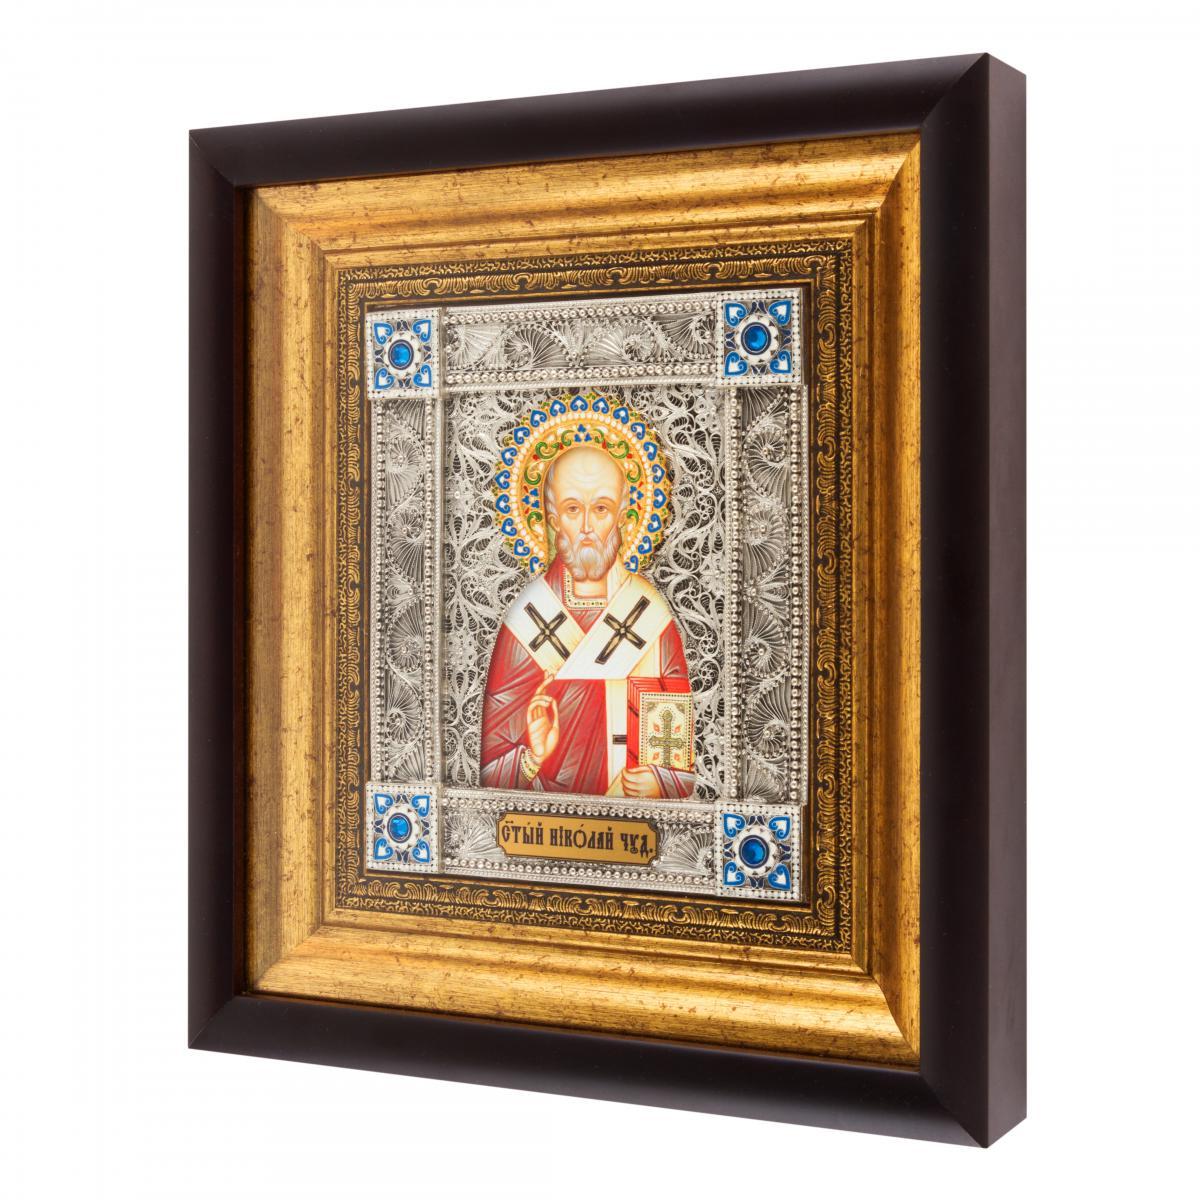 Икона Св. Николая Чудотворца. Фото №2. | Народный дом Украина